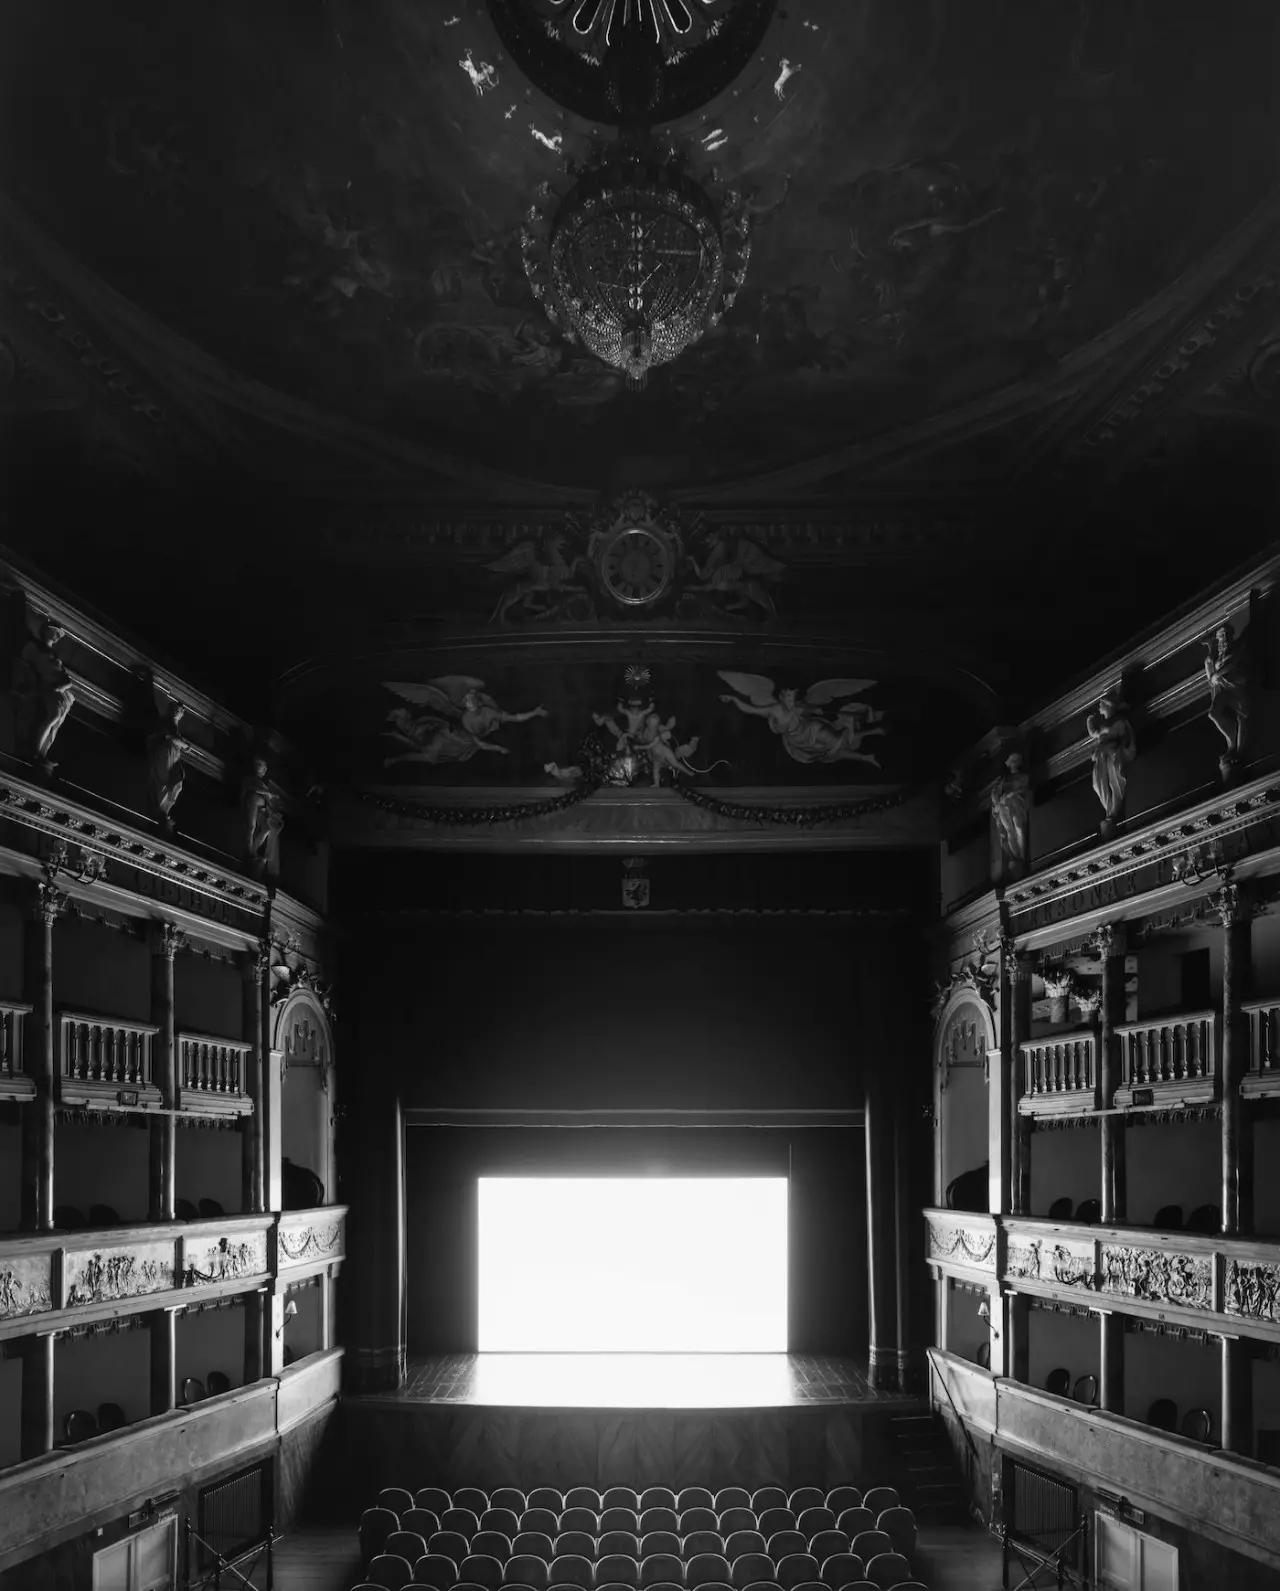 杉本博司是当代日本国宝级摄影师,他的创作将东西方史学